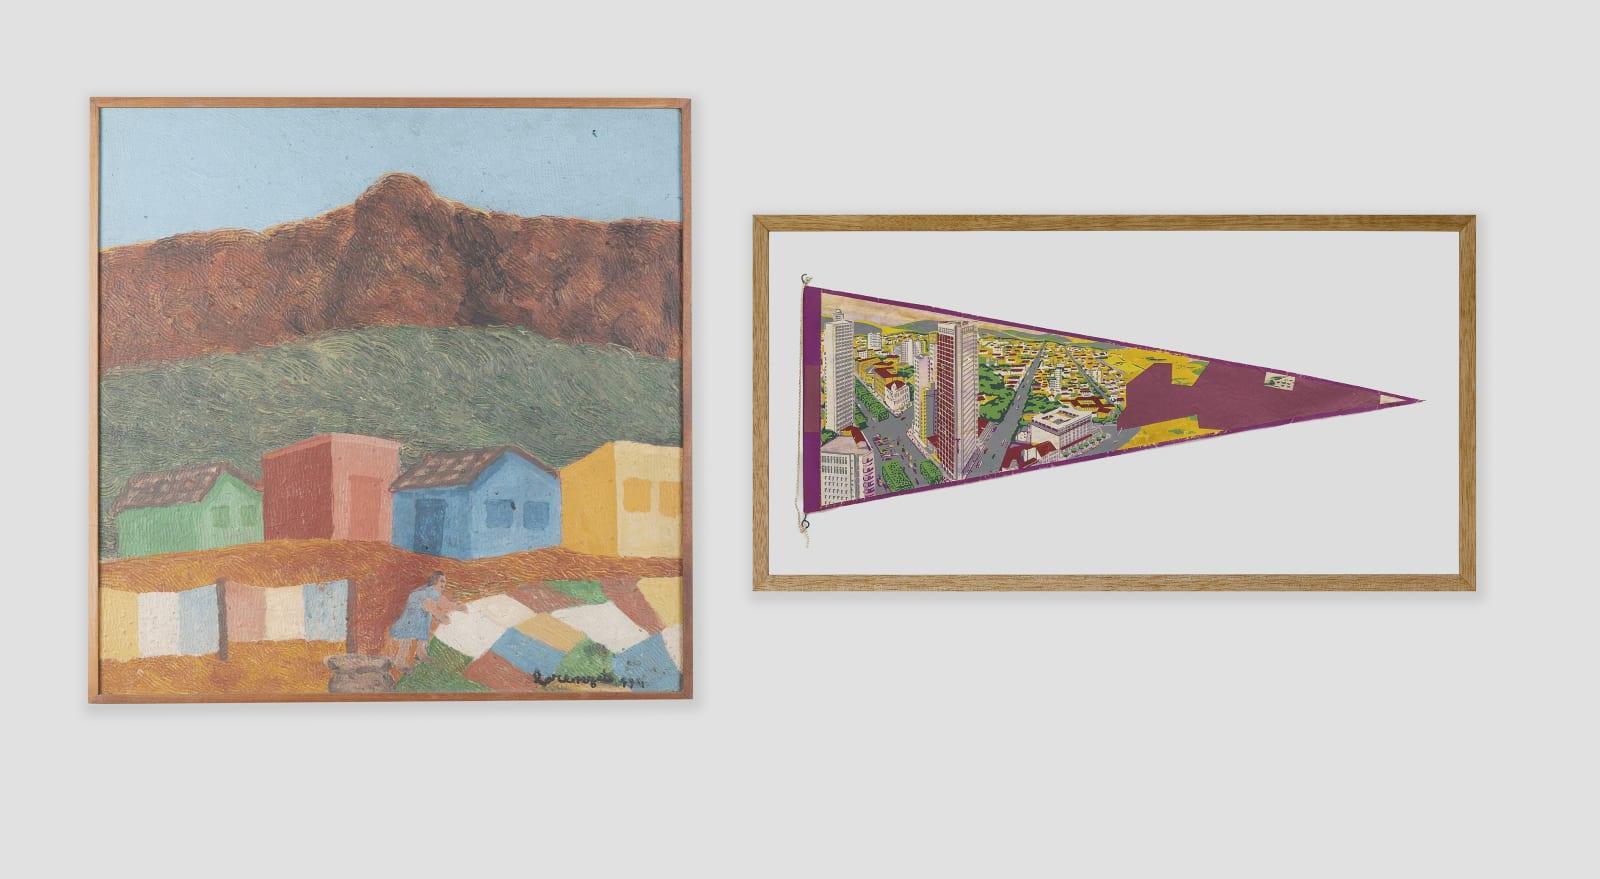 LORENZATO Lavadeira, 1994 Óleo sobre tela e madeira 51,5 x 51,5 cm BRUNO FARIA Lembranças de Paisagem I Belo Horizonte, 2016 Pintura e serigrafia sobre tecido 32 x 61,5 cm